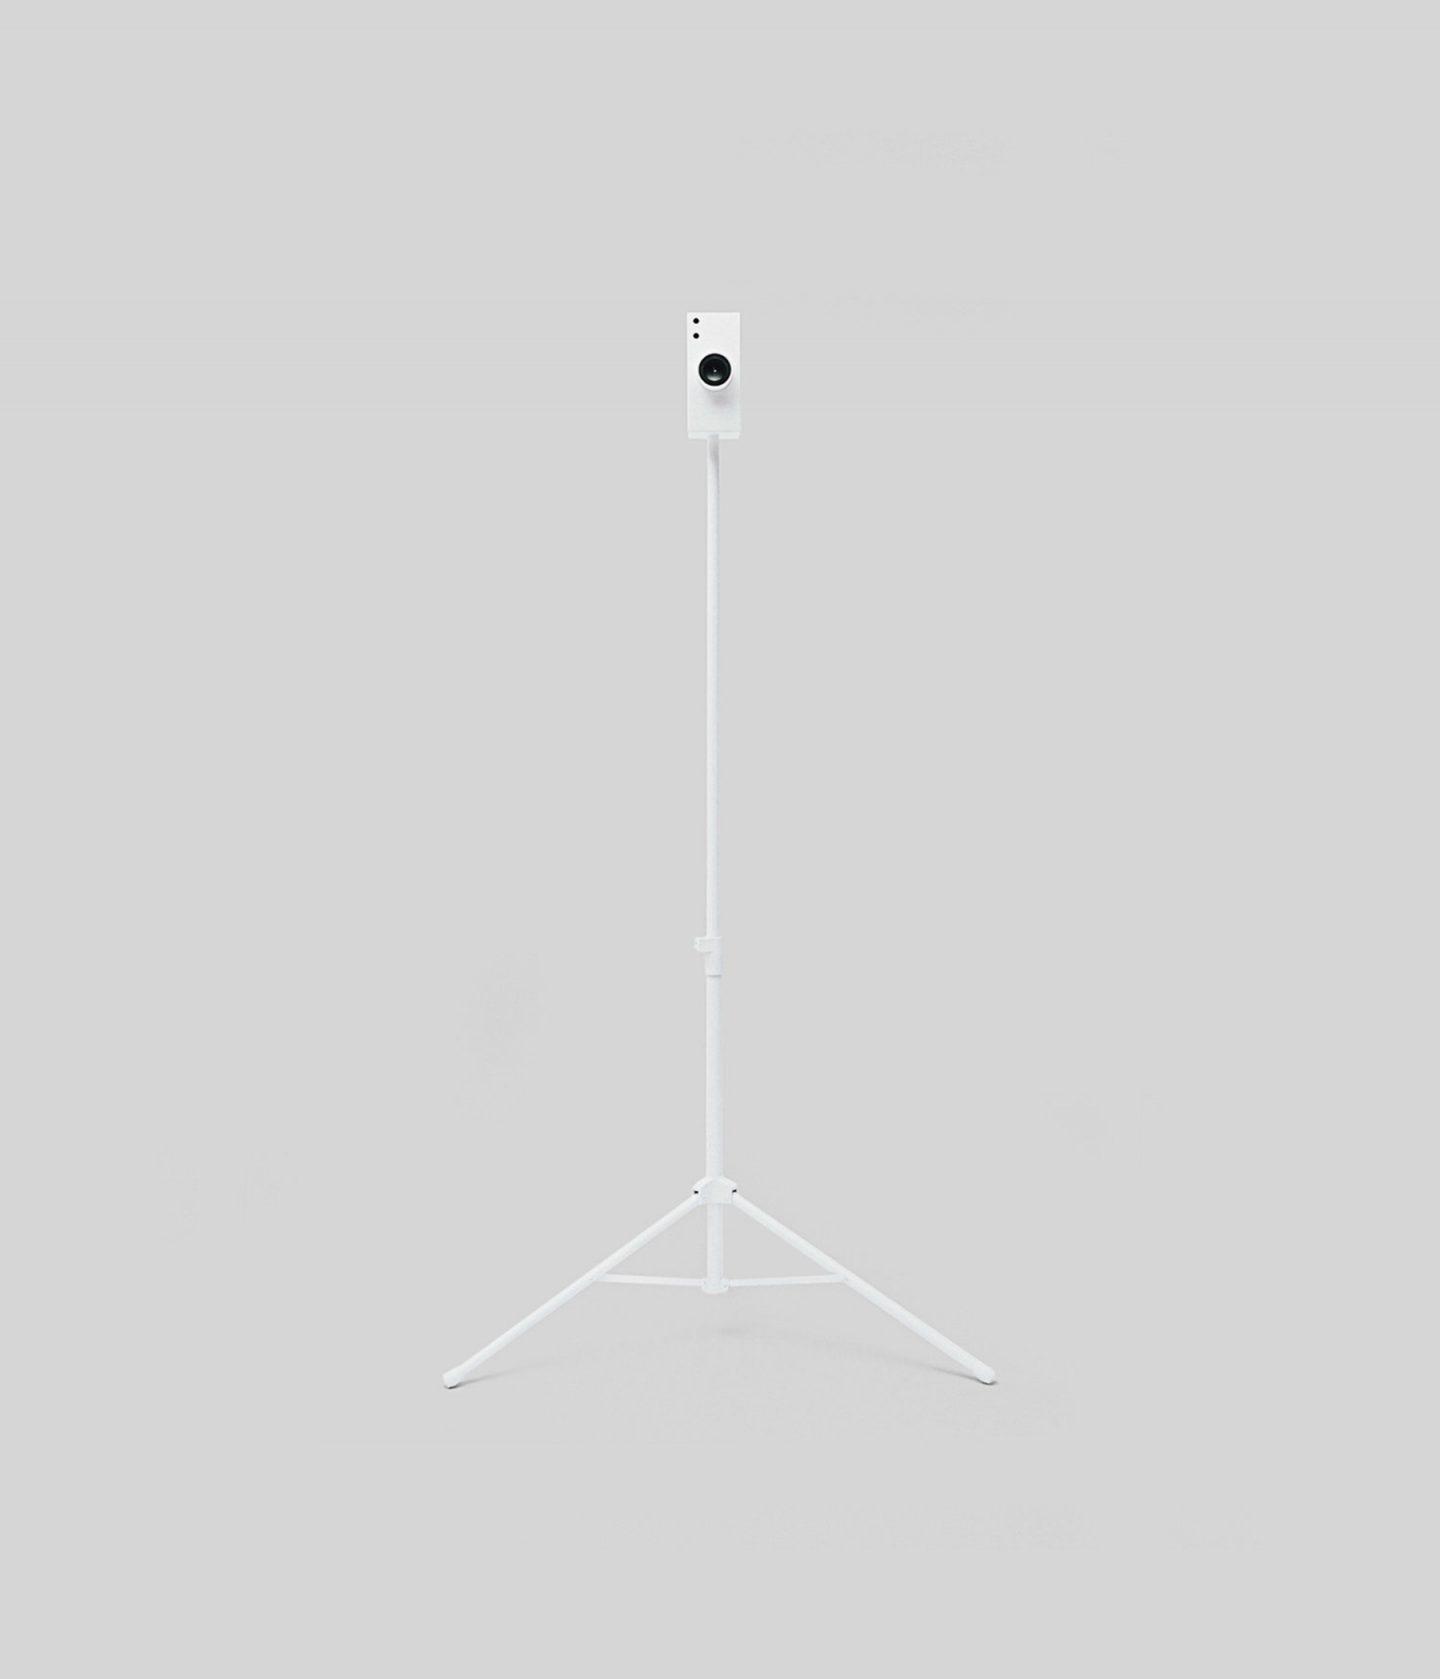 iGNANT-Design-Hank-Beyer-Caravanserai-002